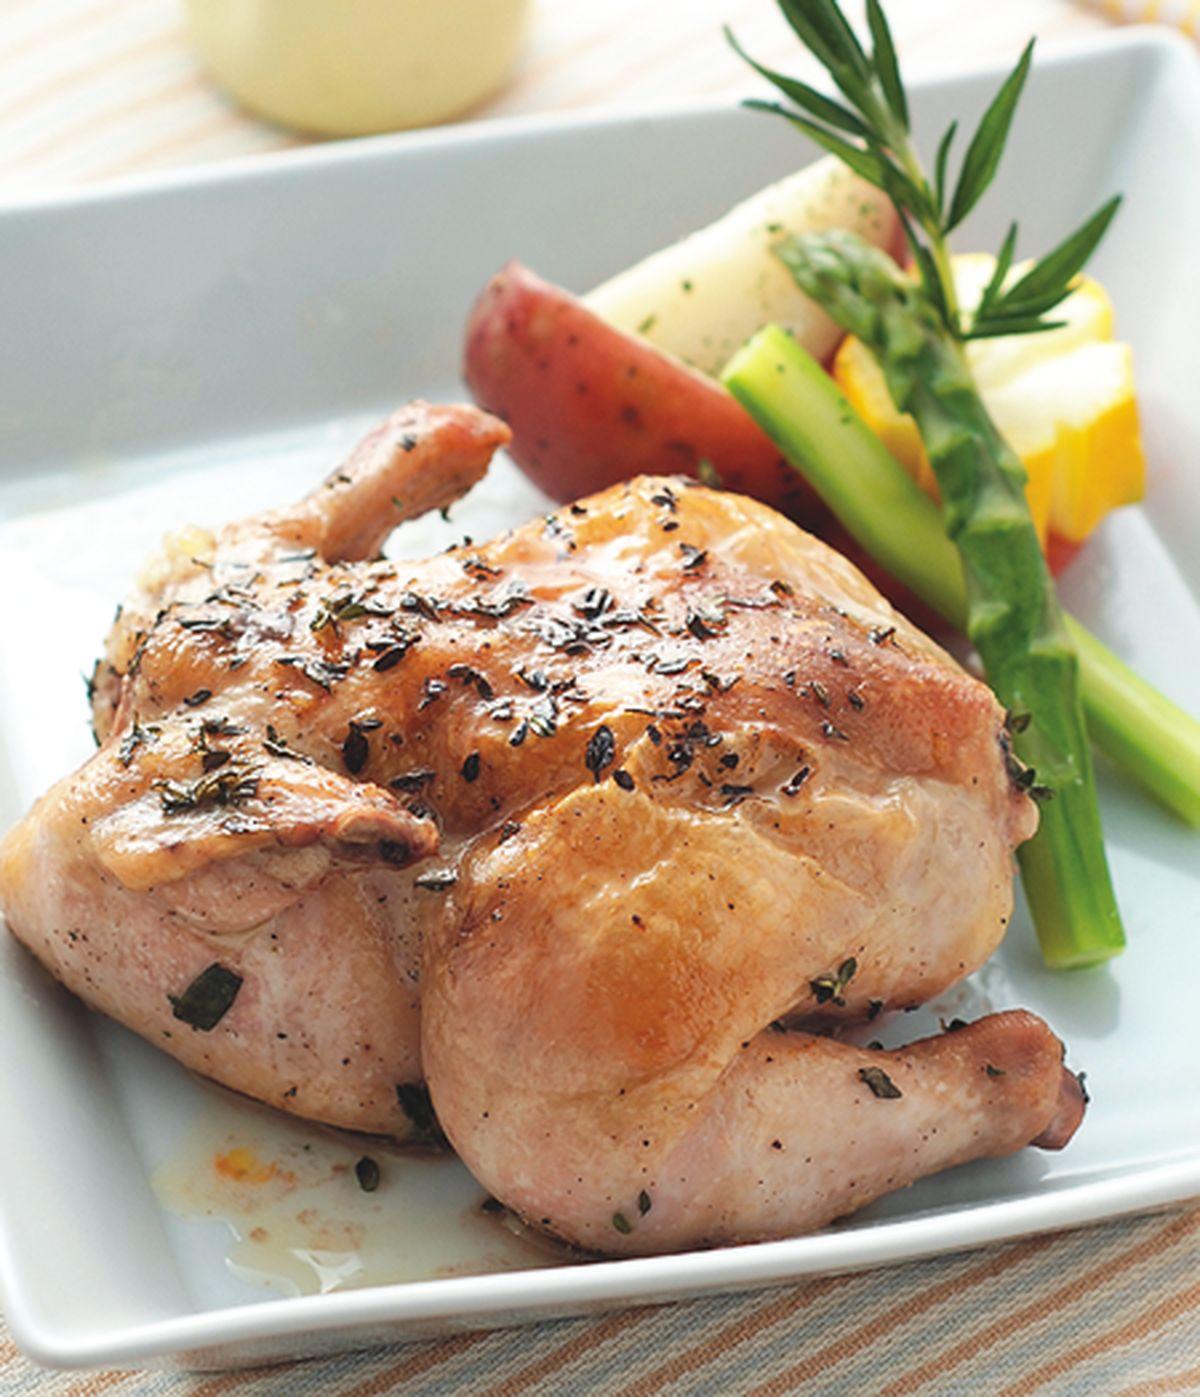 法式爐烤香料春雞的做法-怎麼做法式爐烤香料春雞的 ...